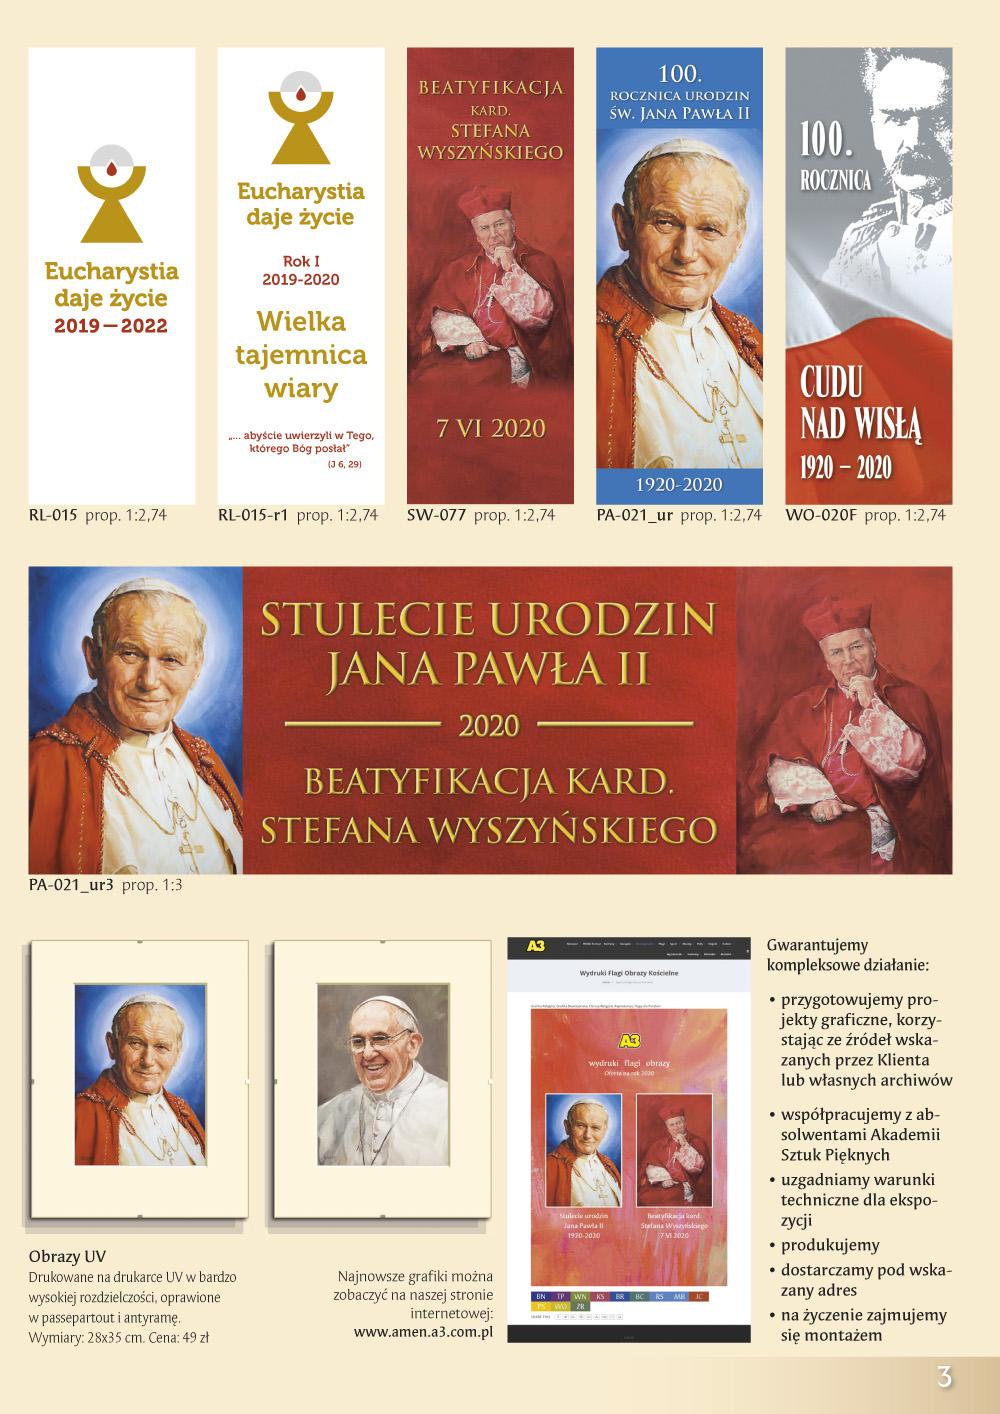 Katalog Grafik Religijnych 2020 - Stulecie Urodzin Jana Pawła II